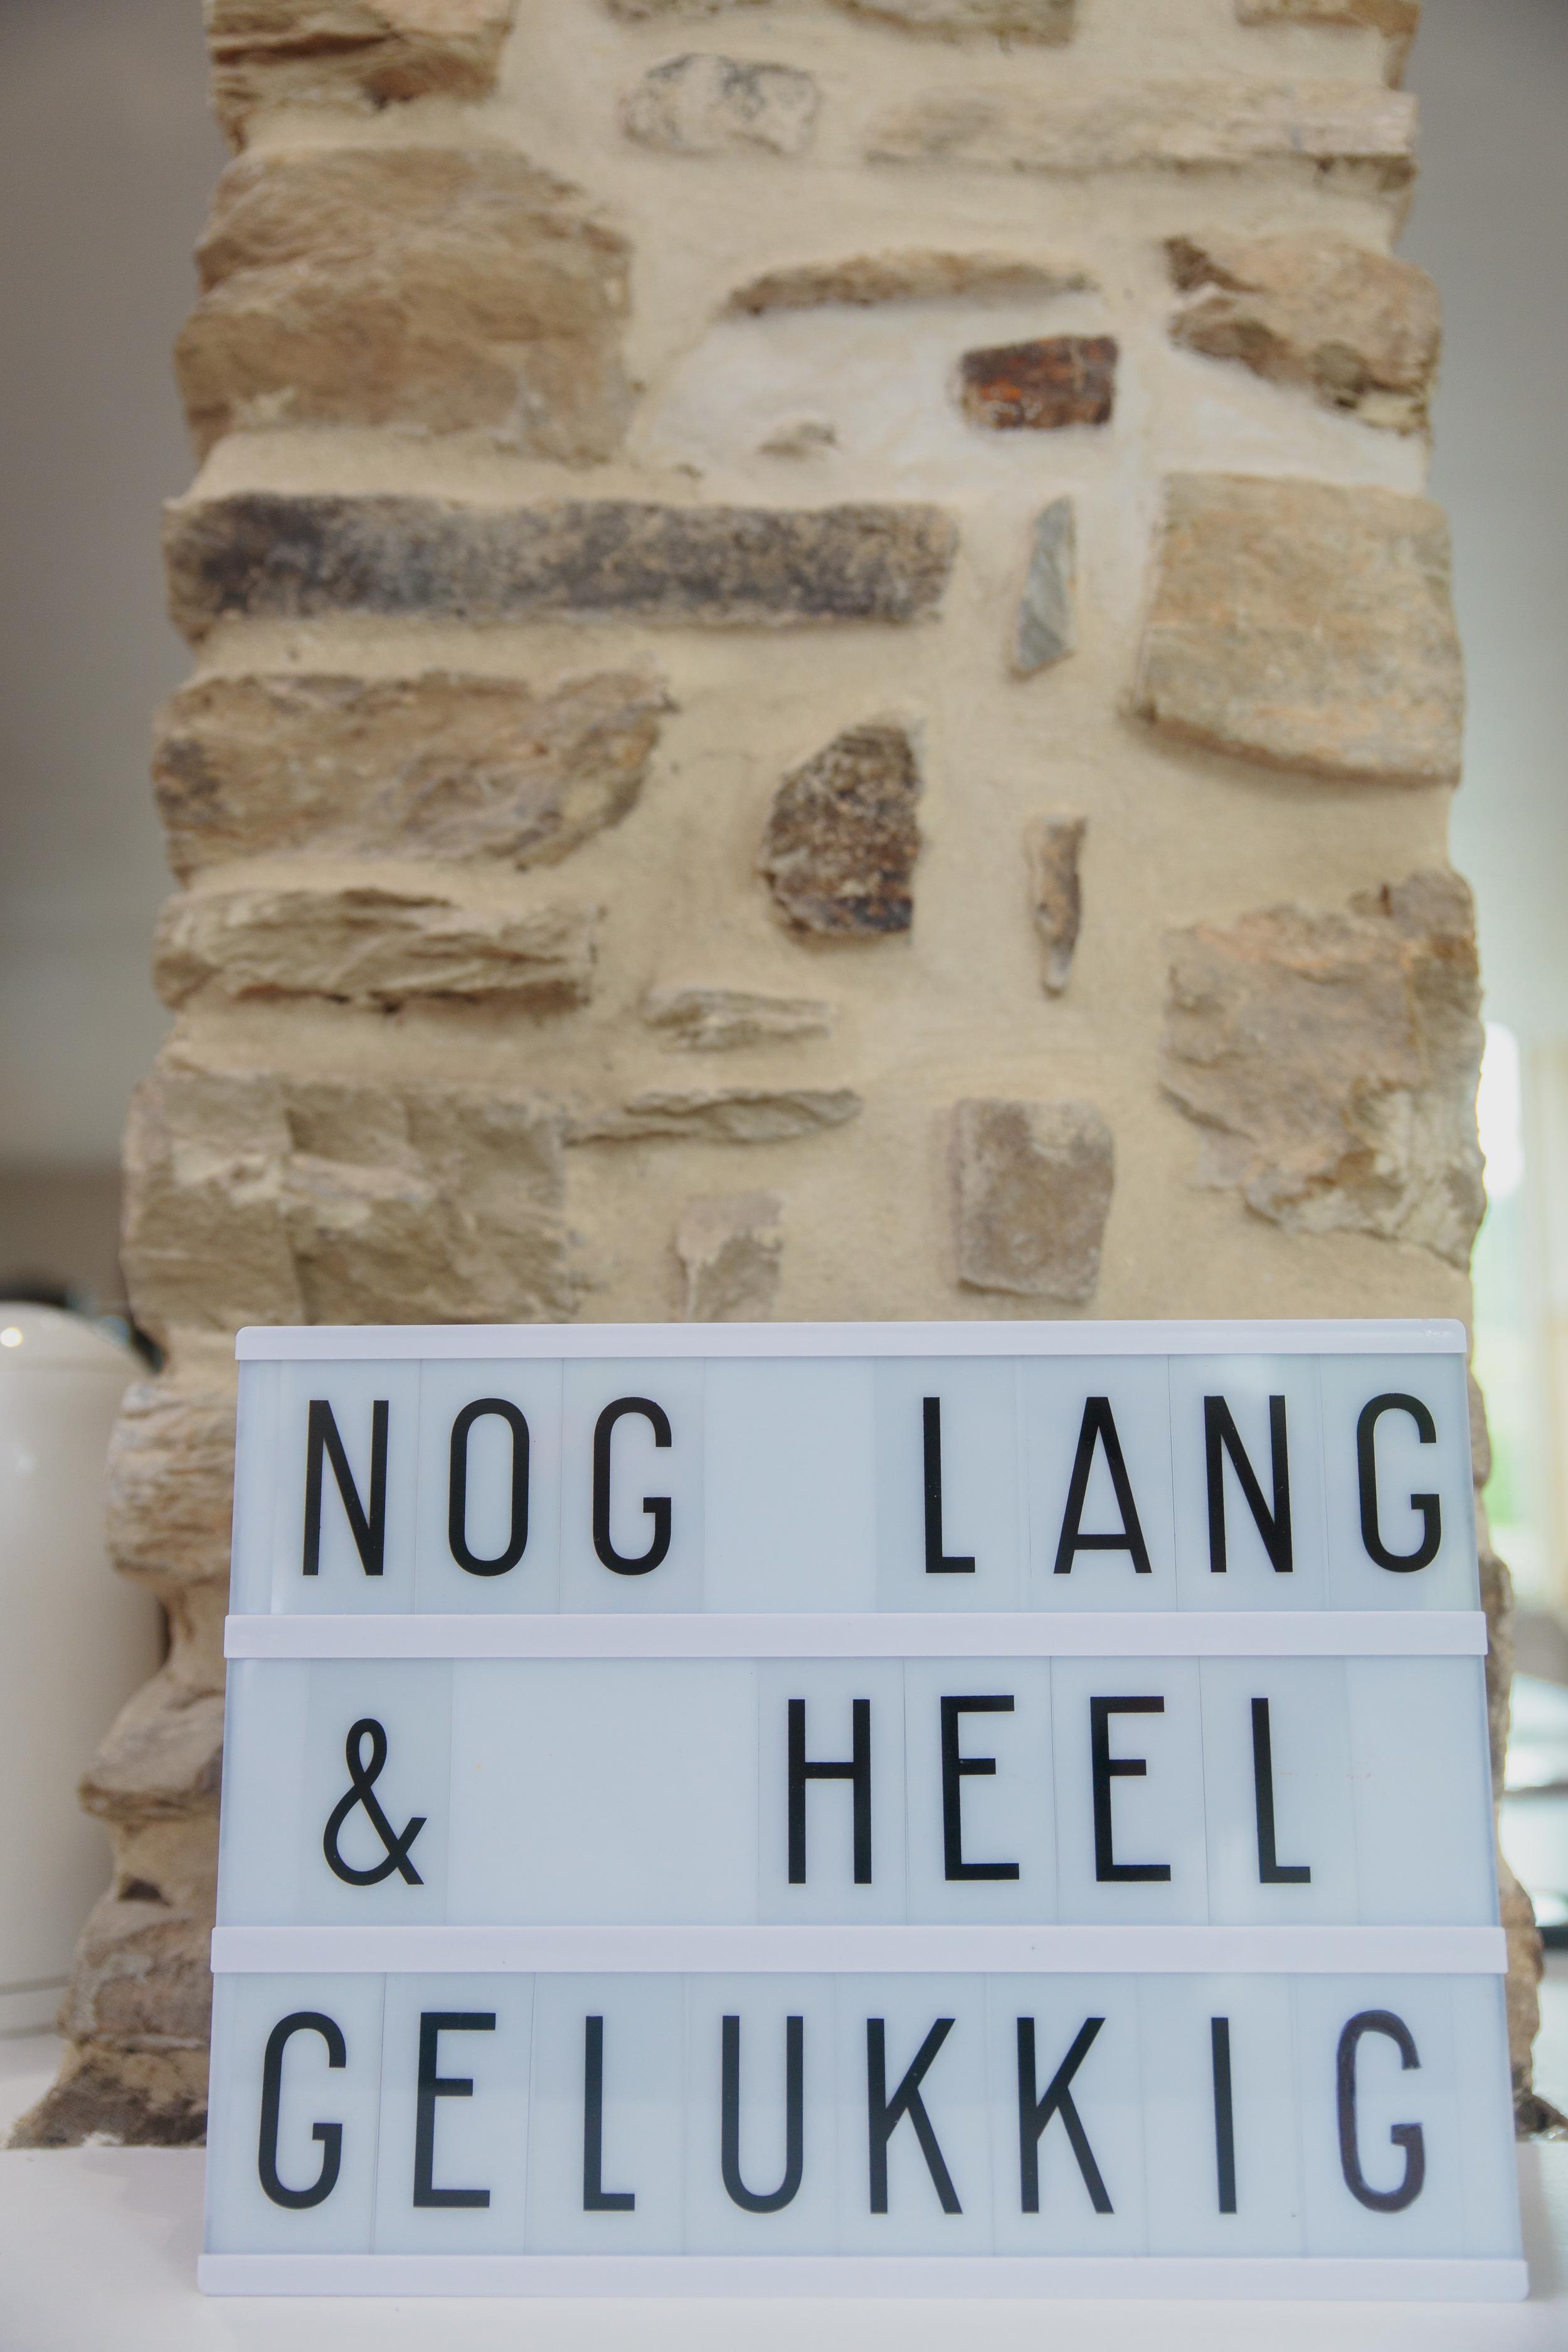 Karin en Vincent (woonachtig in het verre Uden, NL) kozen voor een huwelijk in de exotische Ardennen (Sechery) en bijpassende exotische Belgjes iso800 als fotografen. Met het hele gezin en een meute vrienden, familie en sympathisanten zetten ze een heel weekend lang de geweldige feestzaal op stelten. Sfeerbeeld versiering.